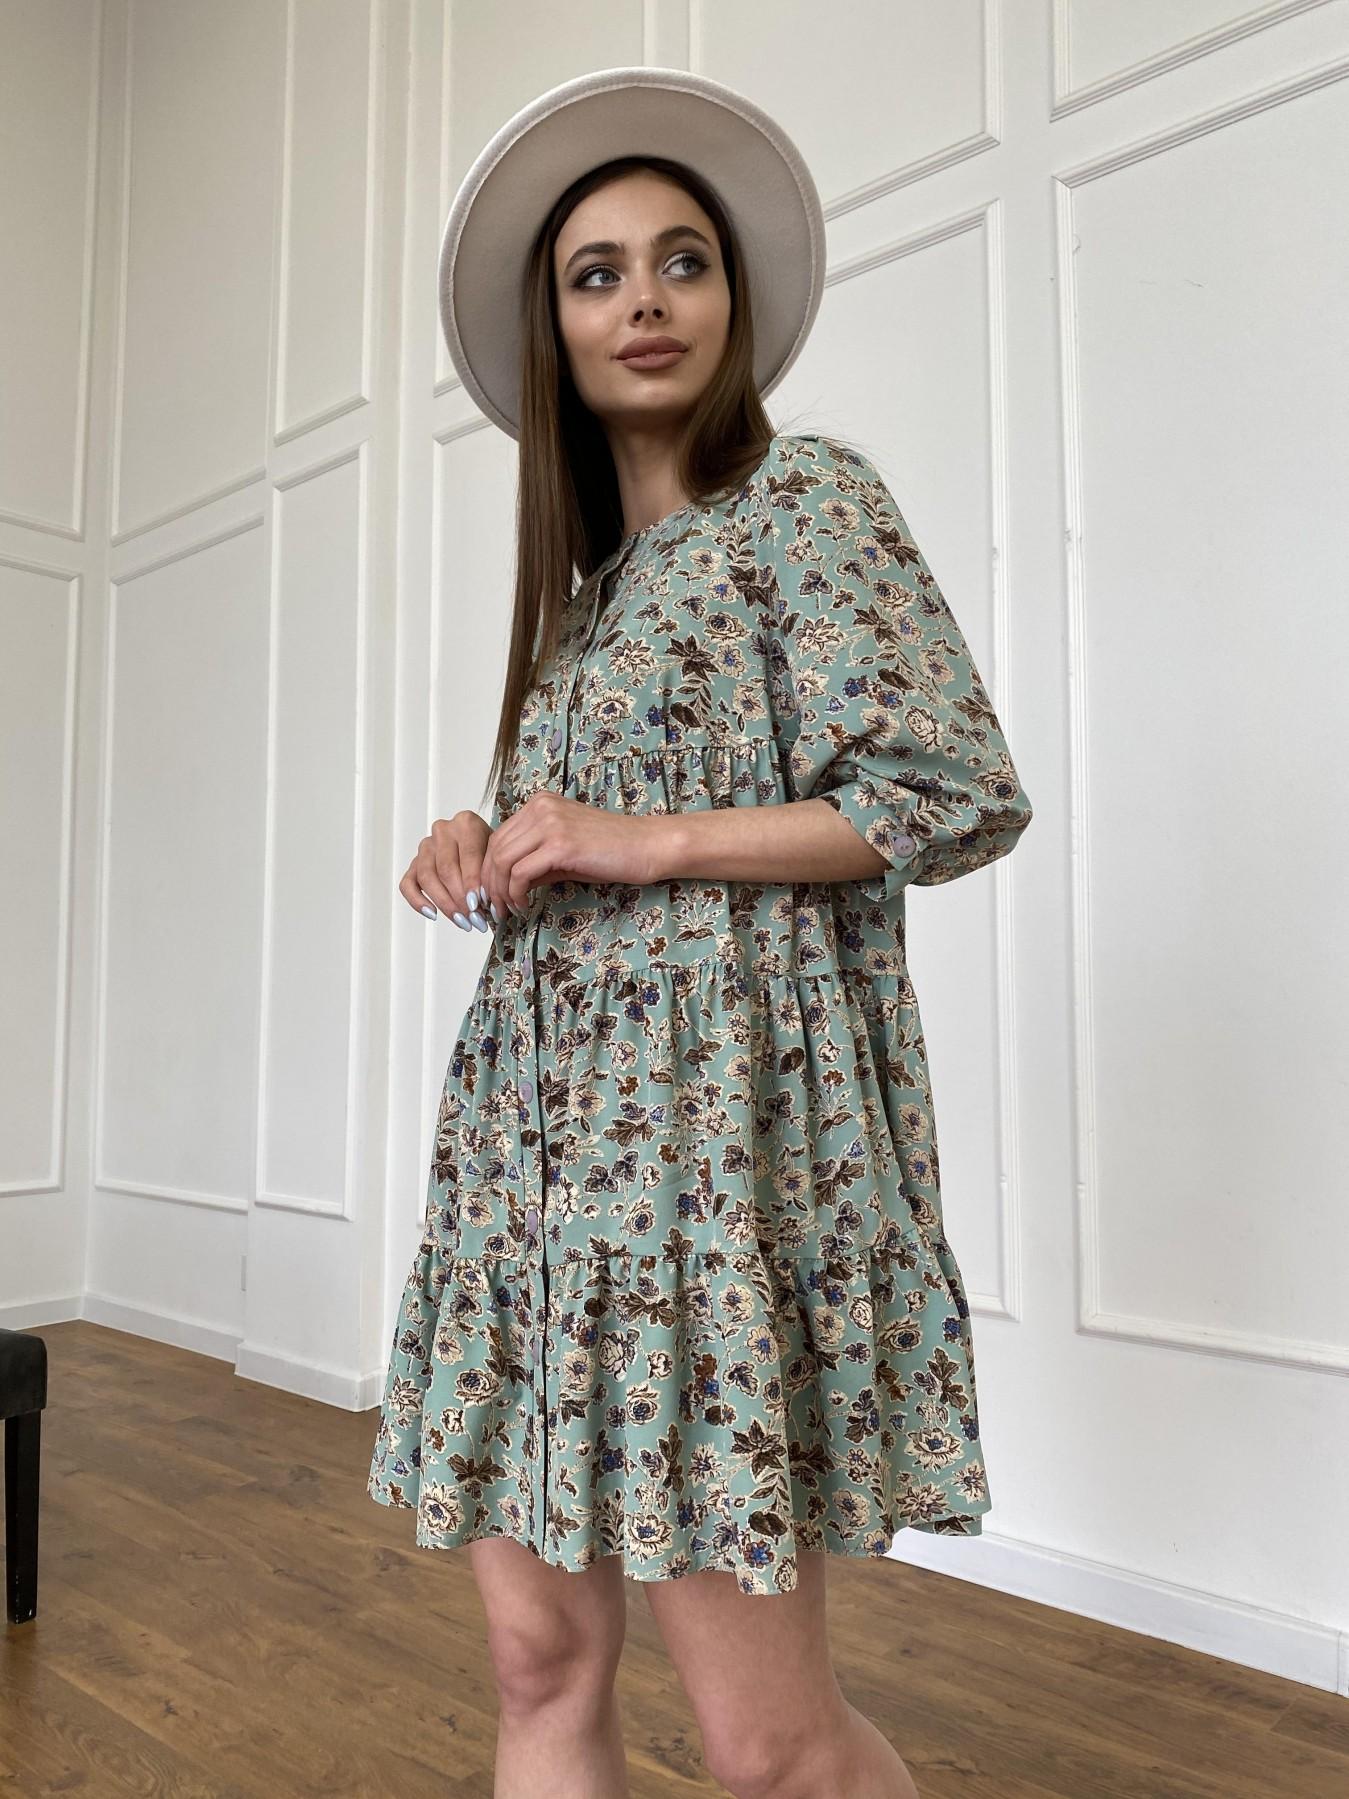 Берри платье из ткани софт в принт 11211 АРТ. 47722 Цвет: Олива/бежевый, Цветы - фото 12, интернет магазин tm-modus.ru